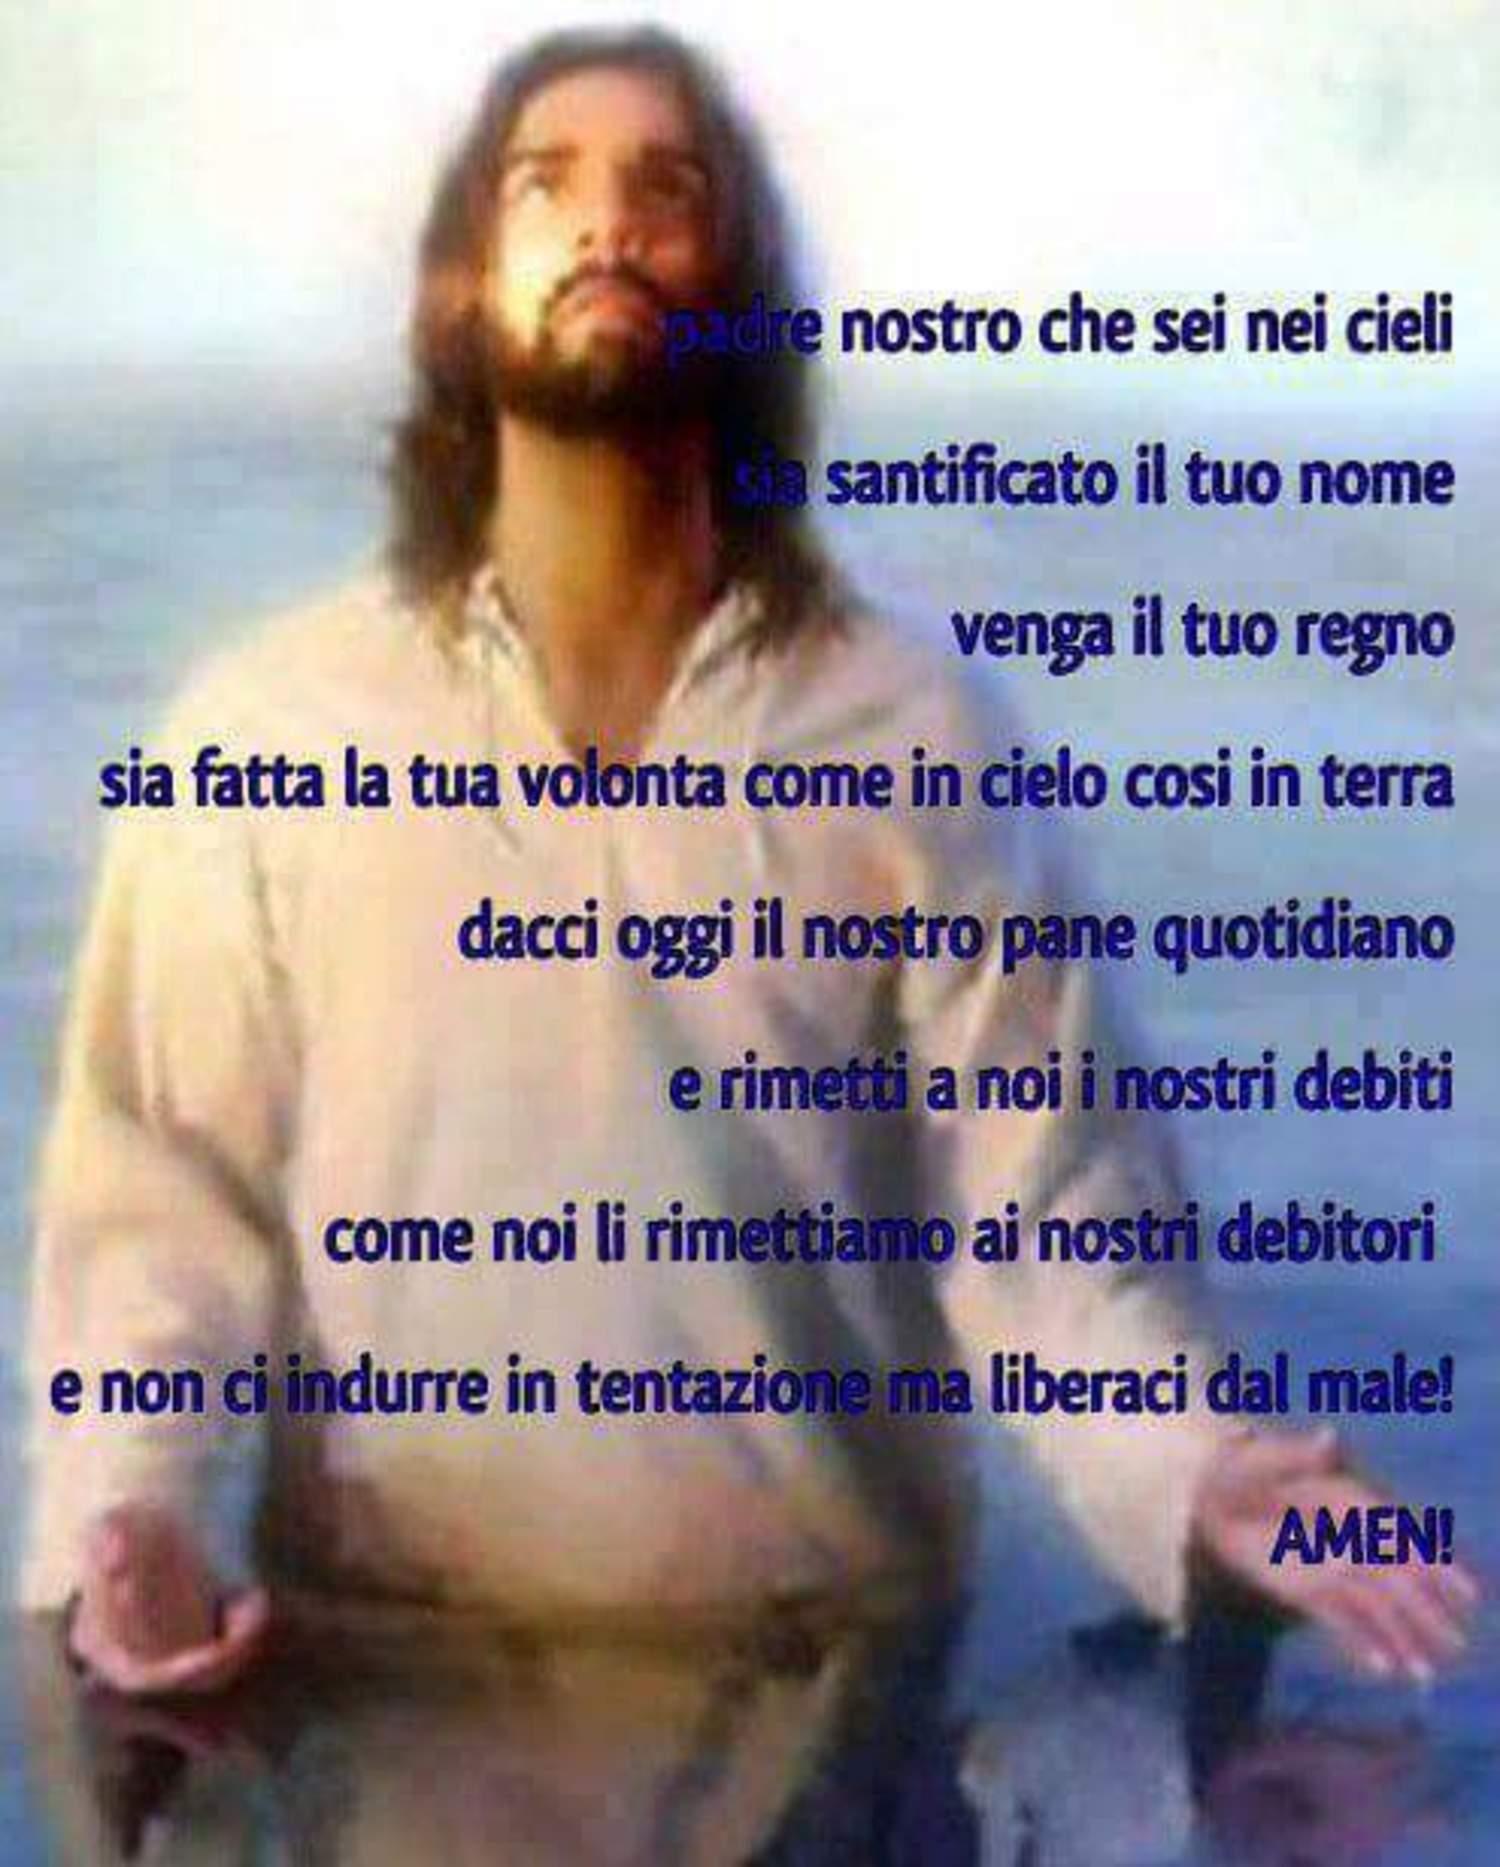 Gesù immagini da condividere gratis 2321